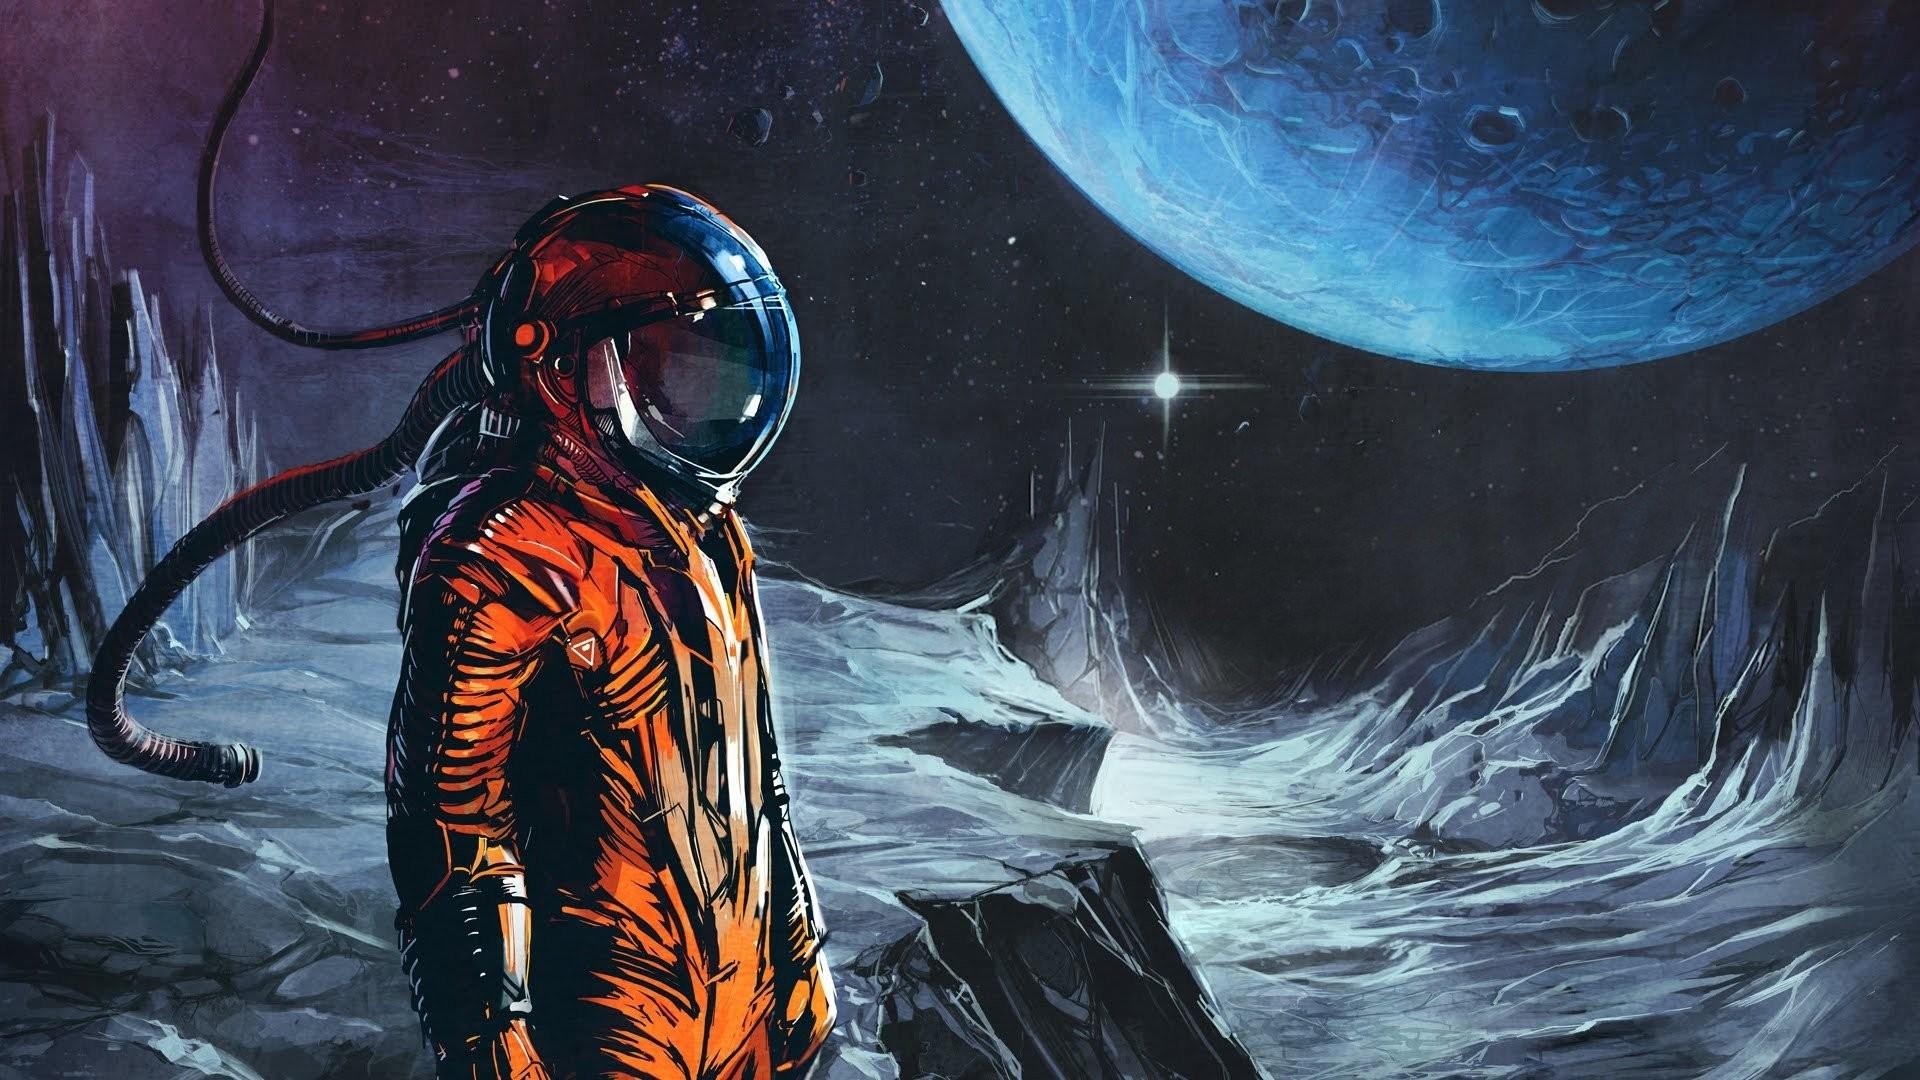 Music – Celldweller Astronaut Wallpaper